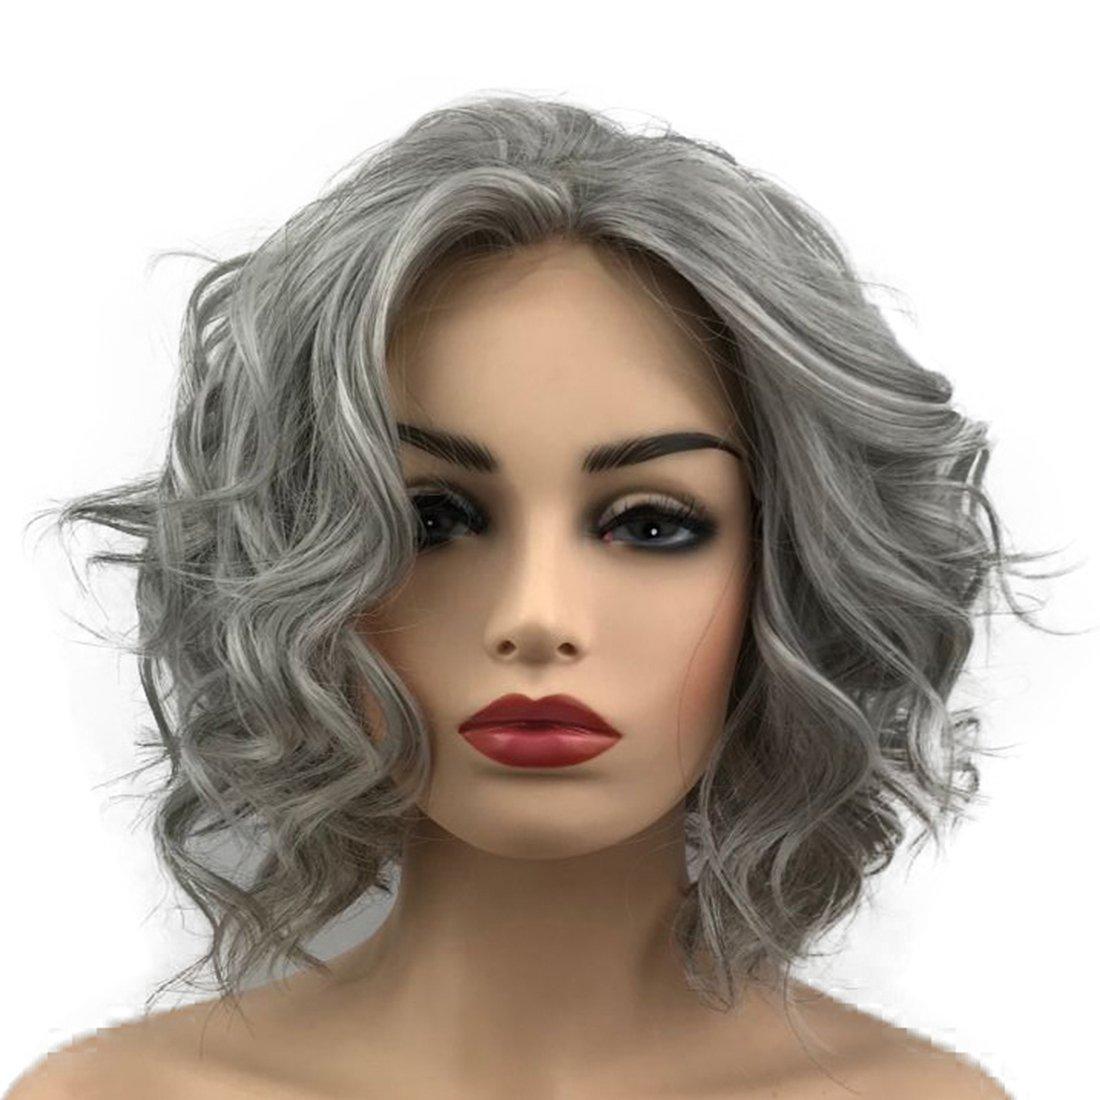 Amazon.com : Wiginway Lace Front Wigs Short